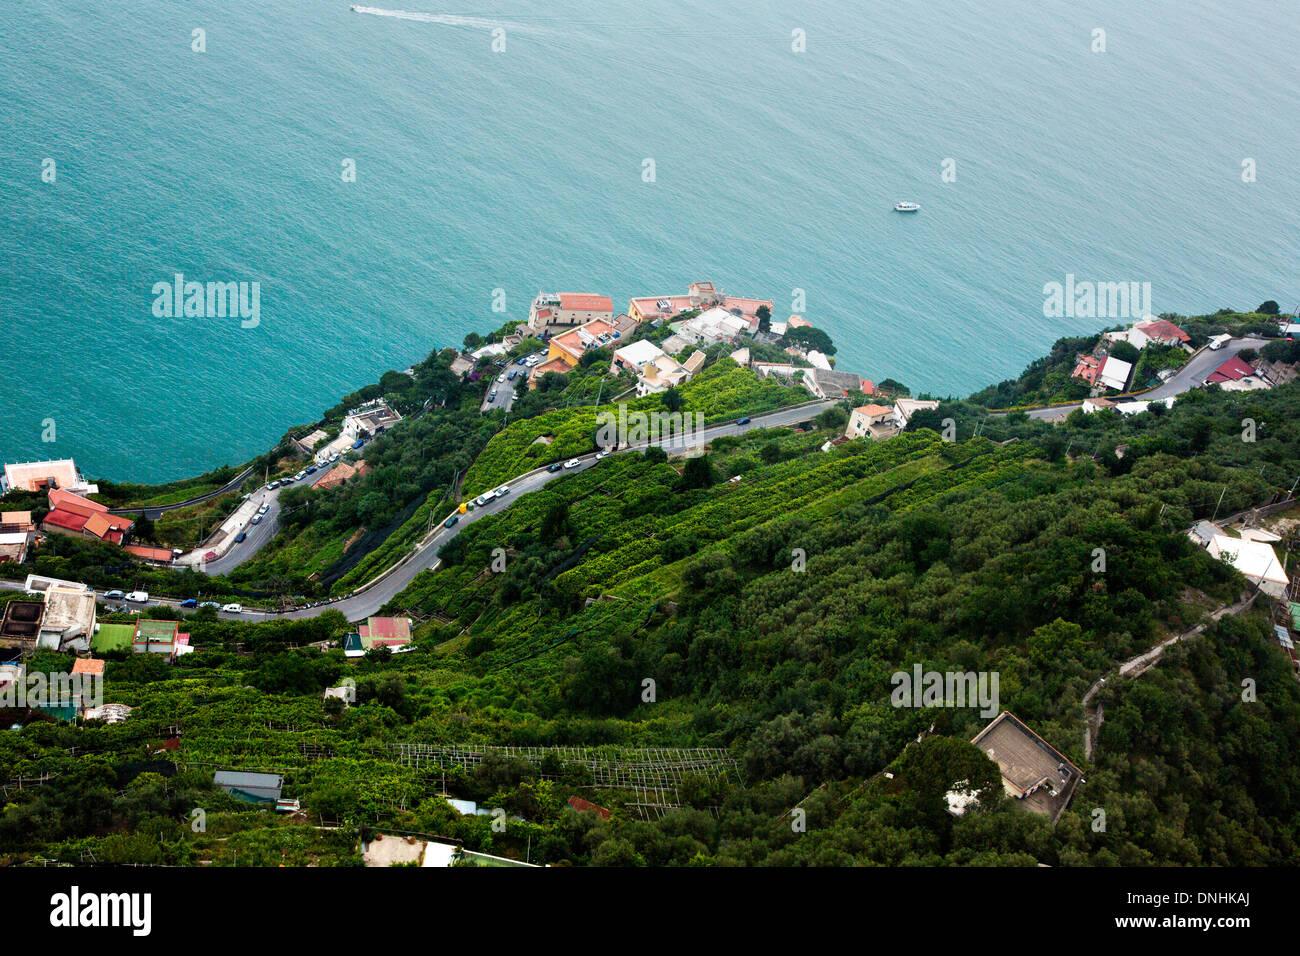 Vue aérienne de maisons sur la côte, la Villa Cimbrone, Ravello, Province de Salerne, Campanie, Italie Banque D'Images